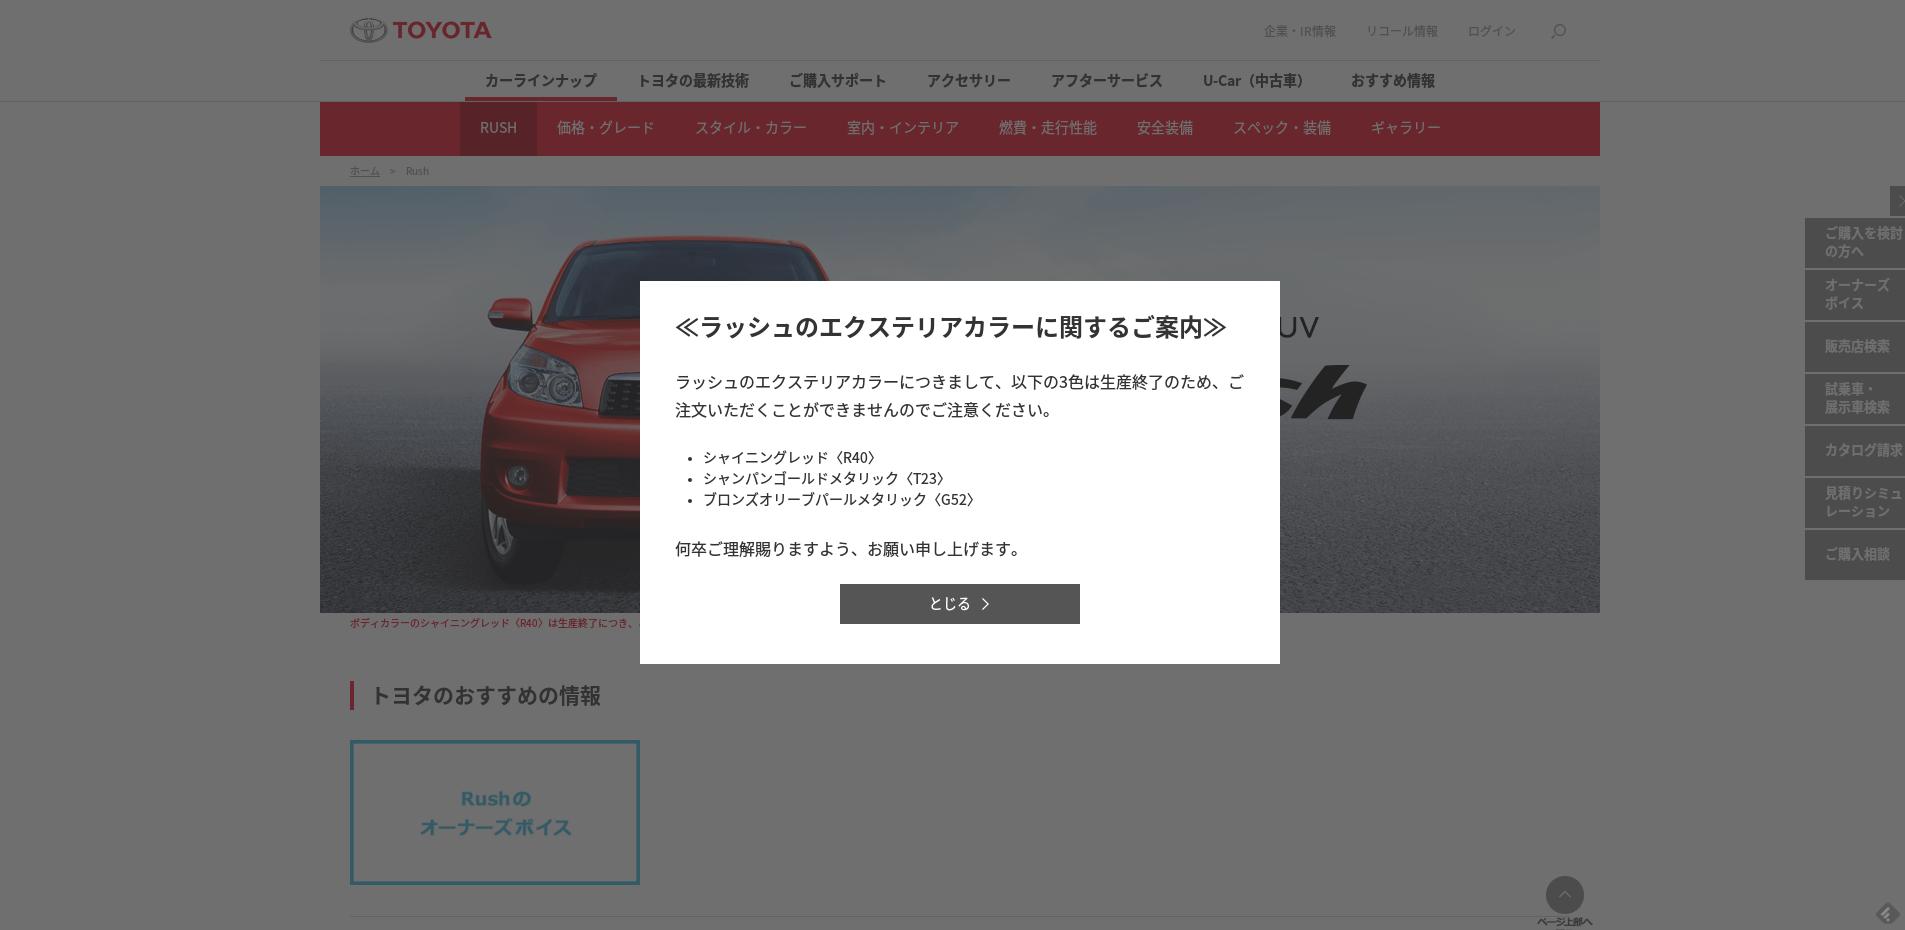 トヨタ Rush トヨタ自動車WEBサイト